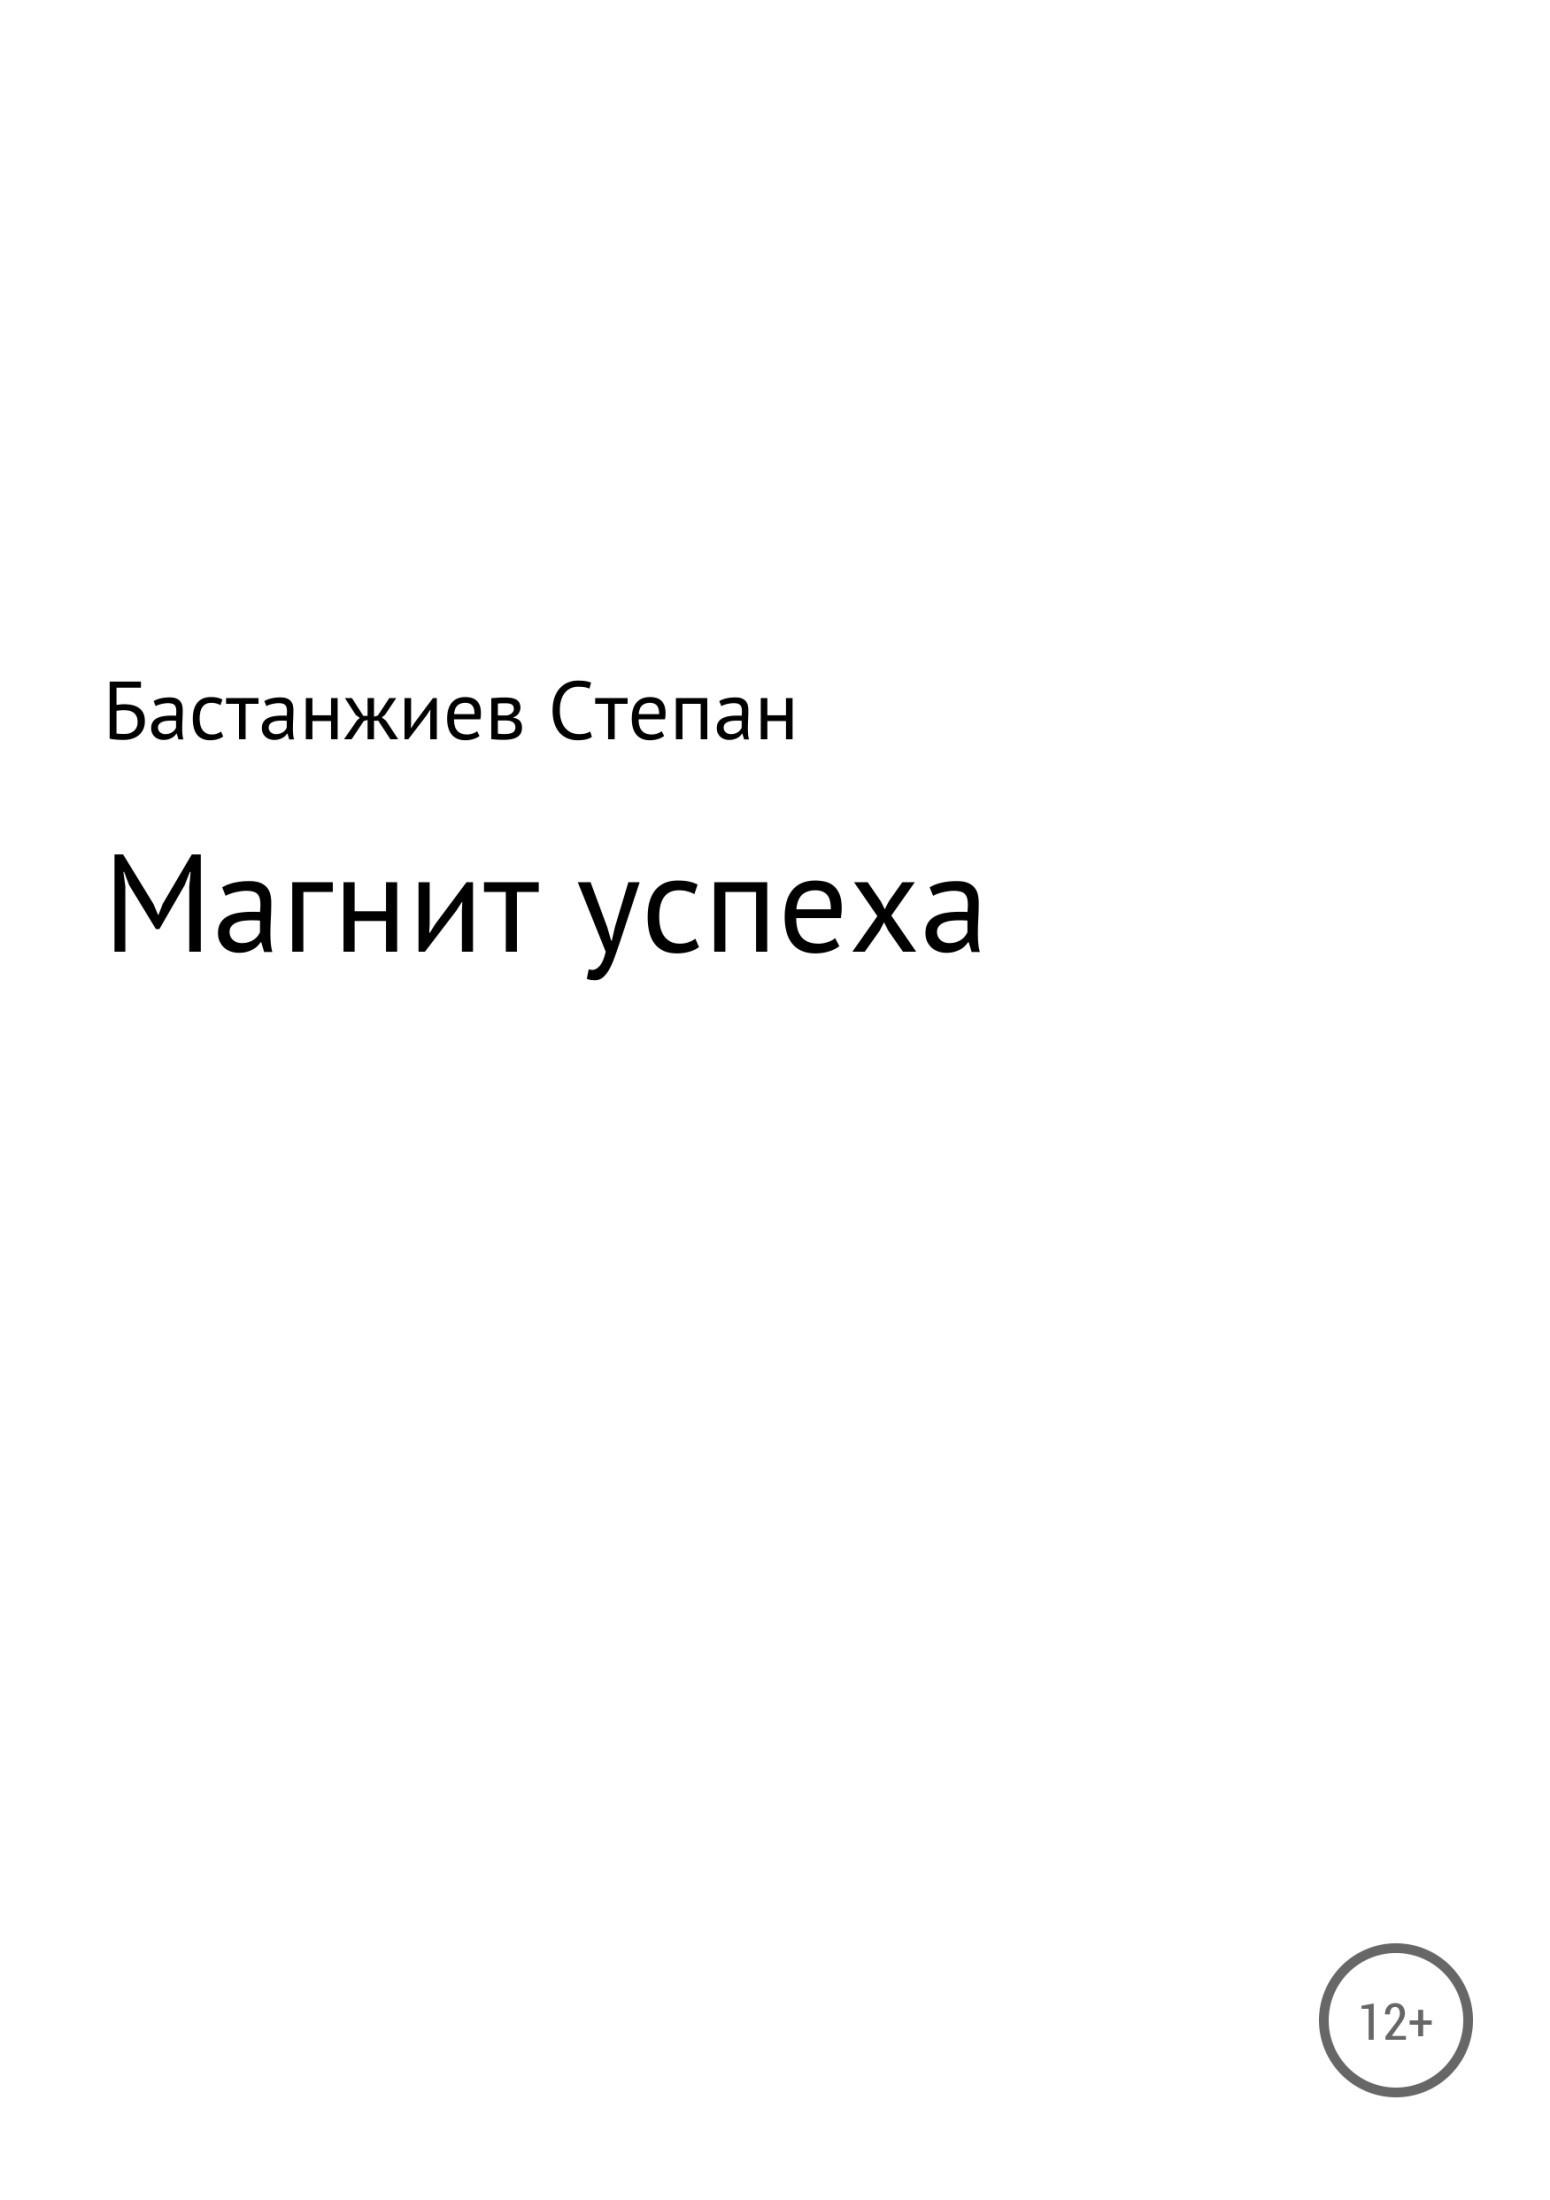 Обложка книги. Автор - Степан Бастанжиев